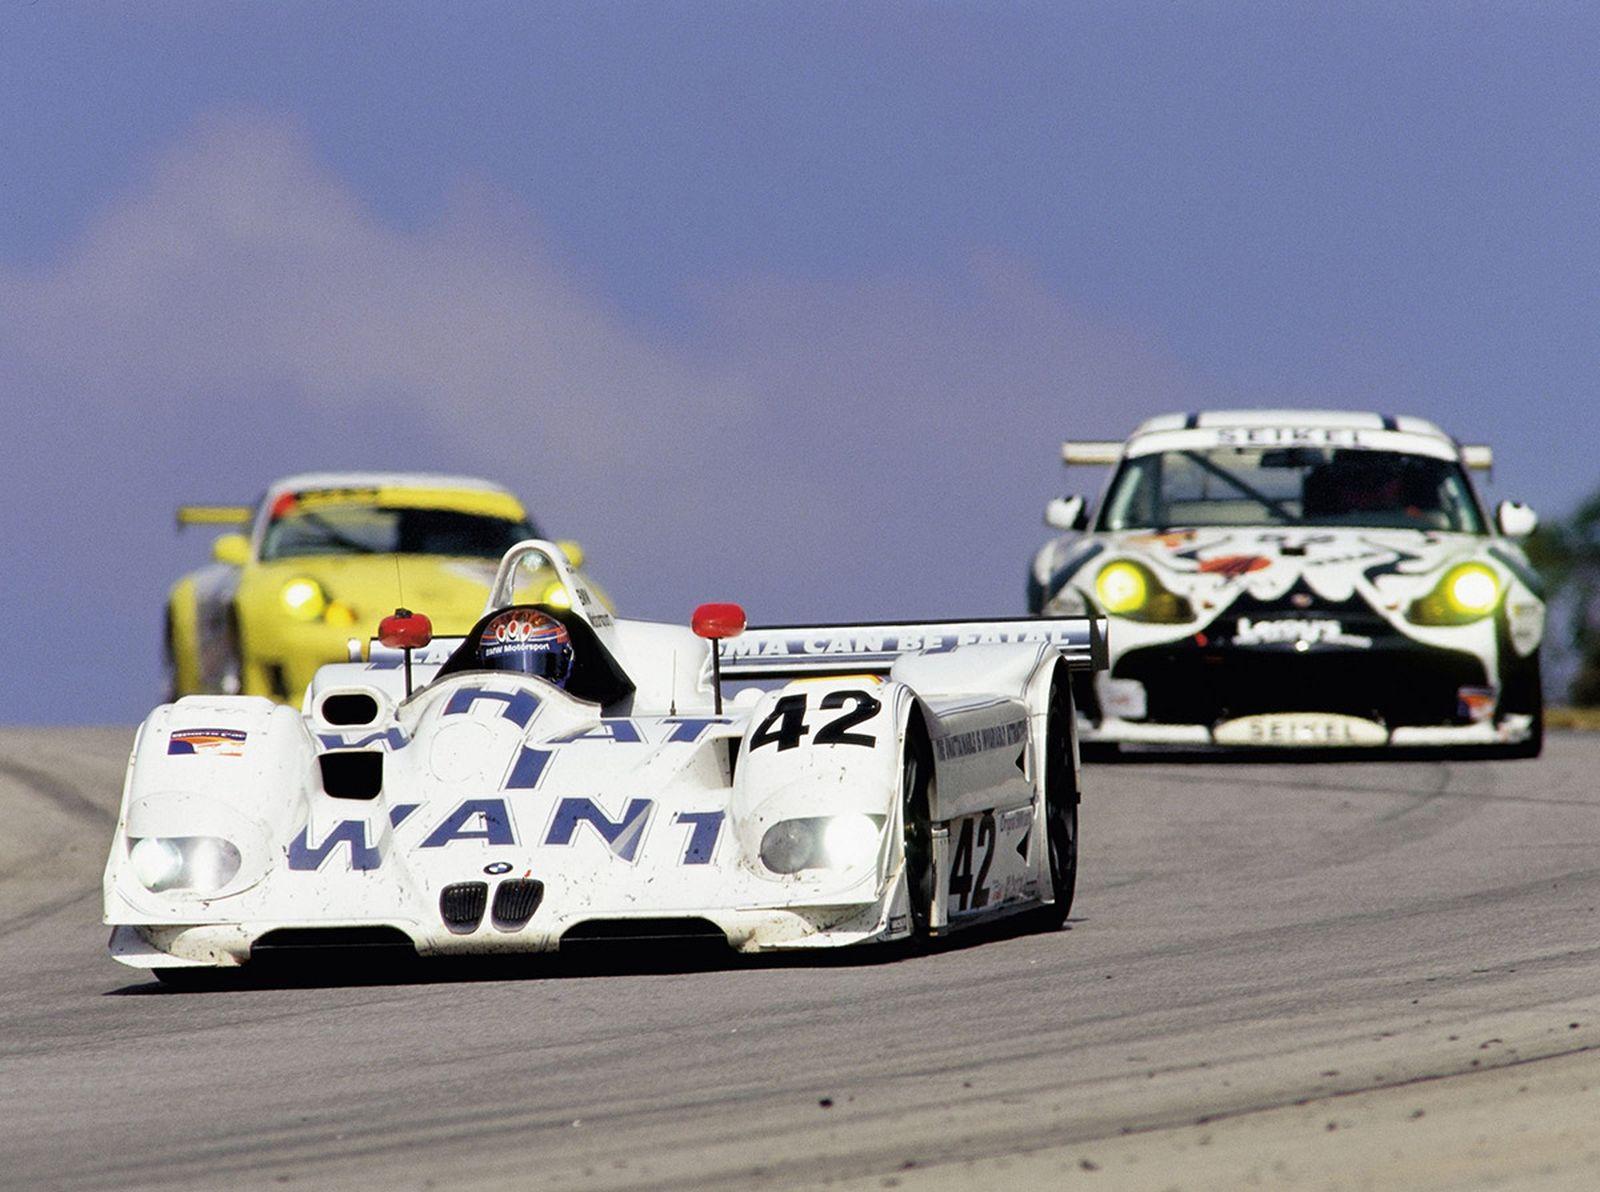 BMW Art Car 15, Jenny Holzer, 1999